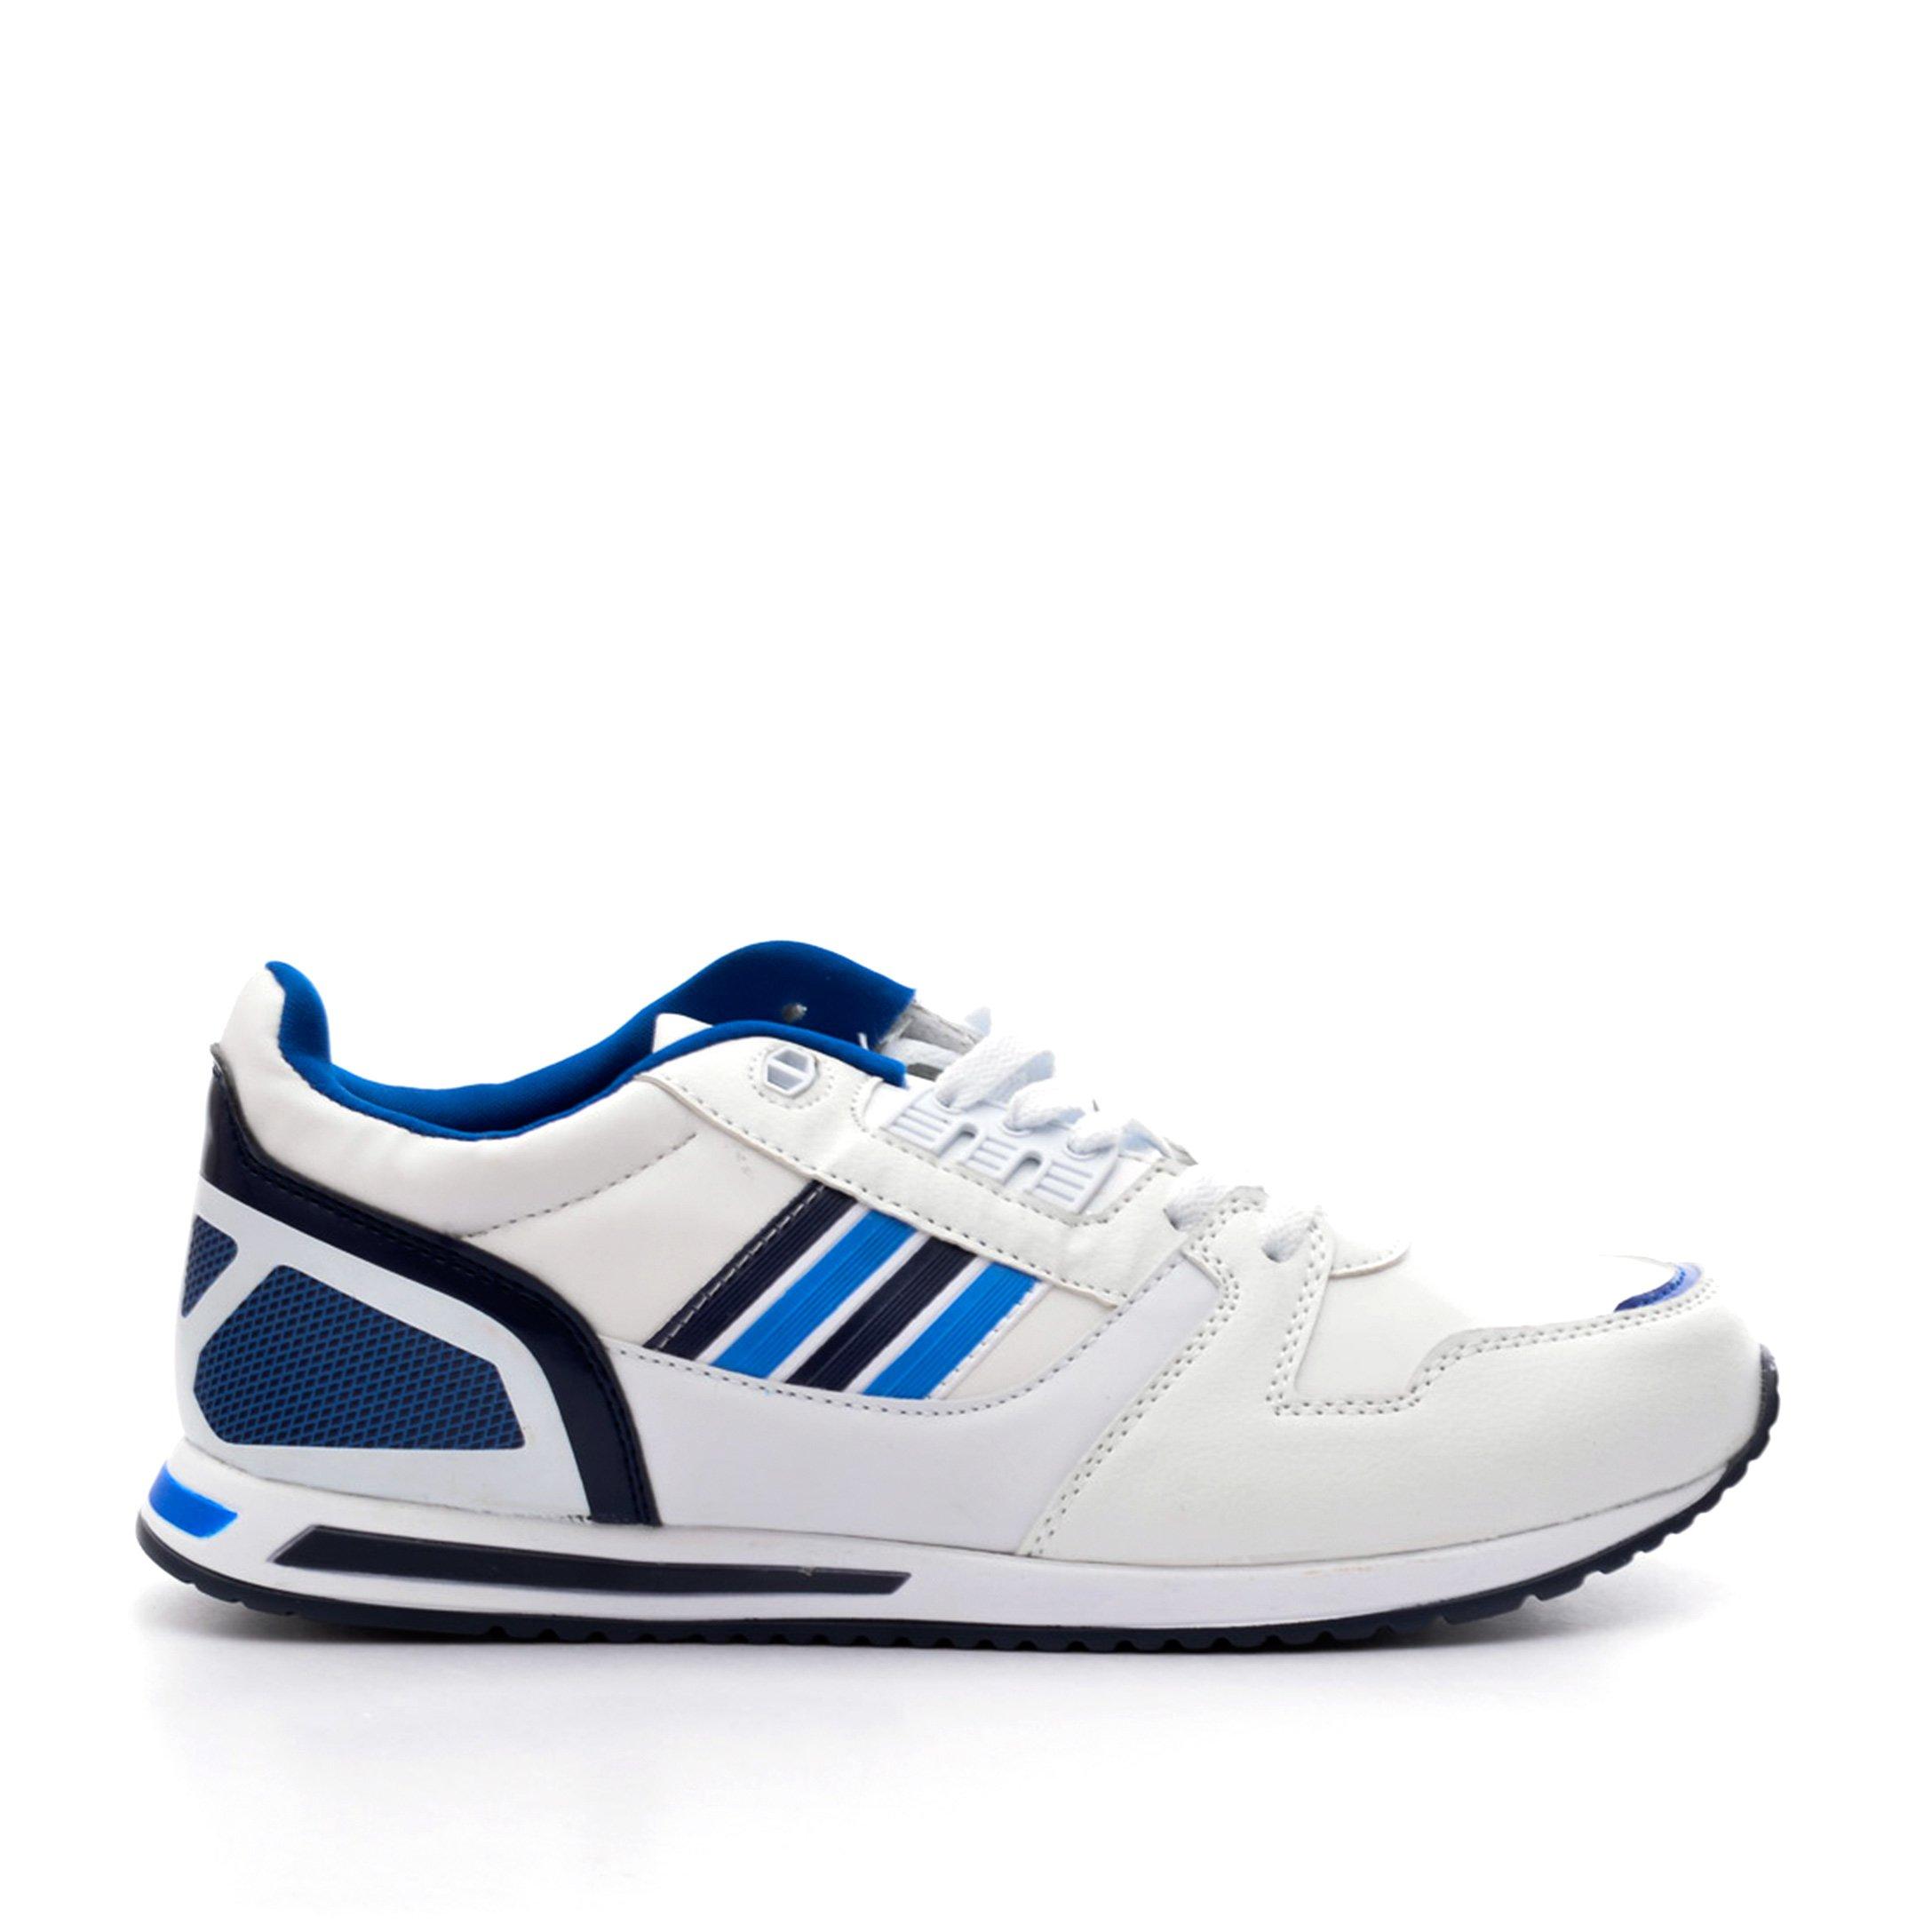 Pantofi sport dama Honor 1 albi cu albastru